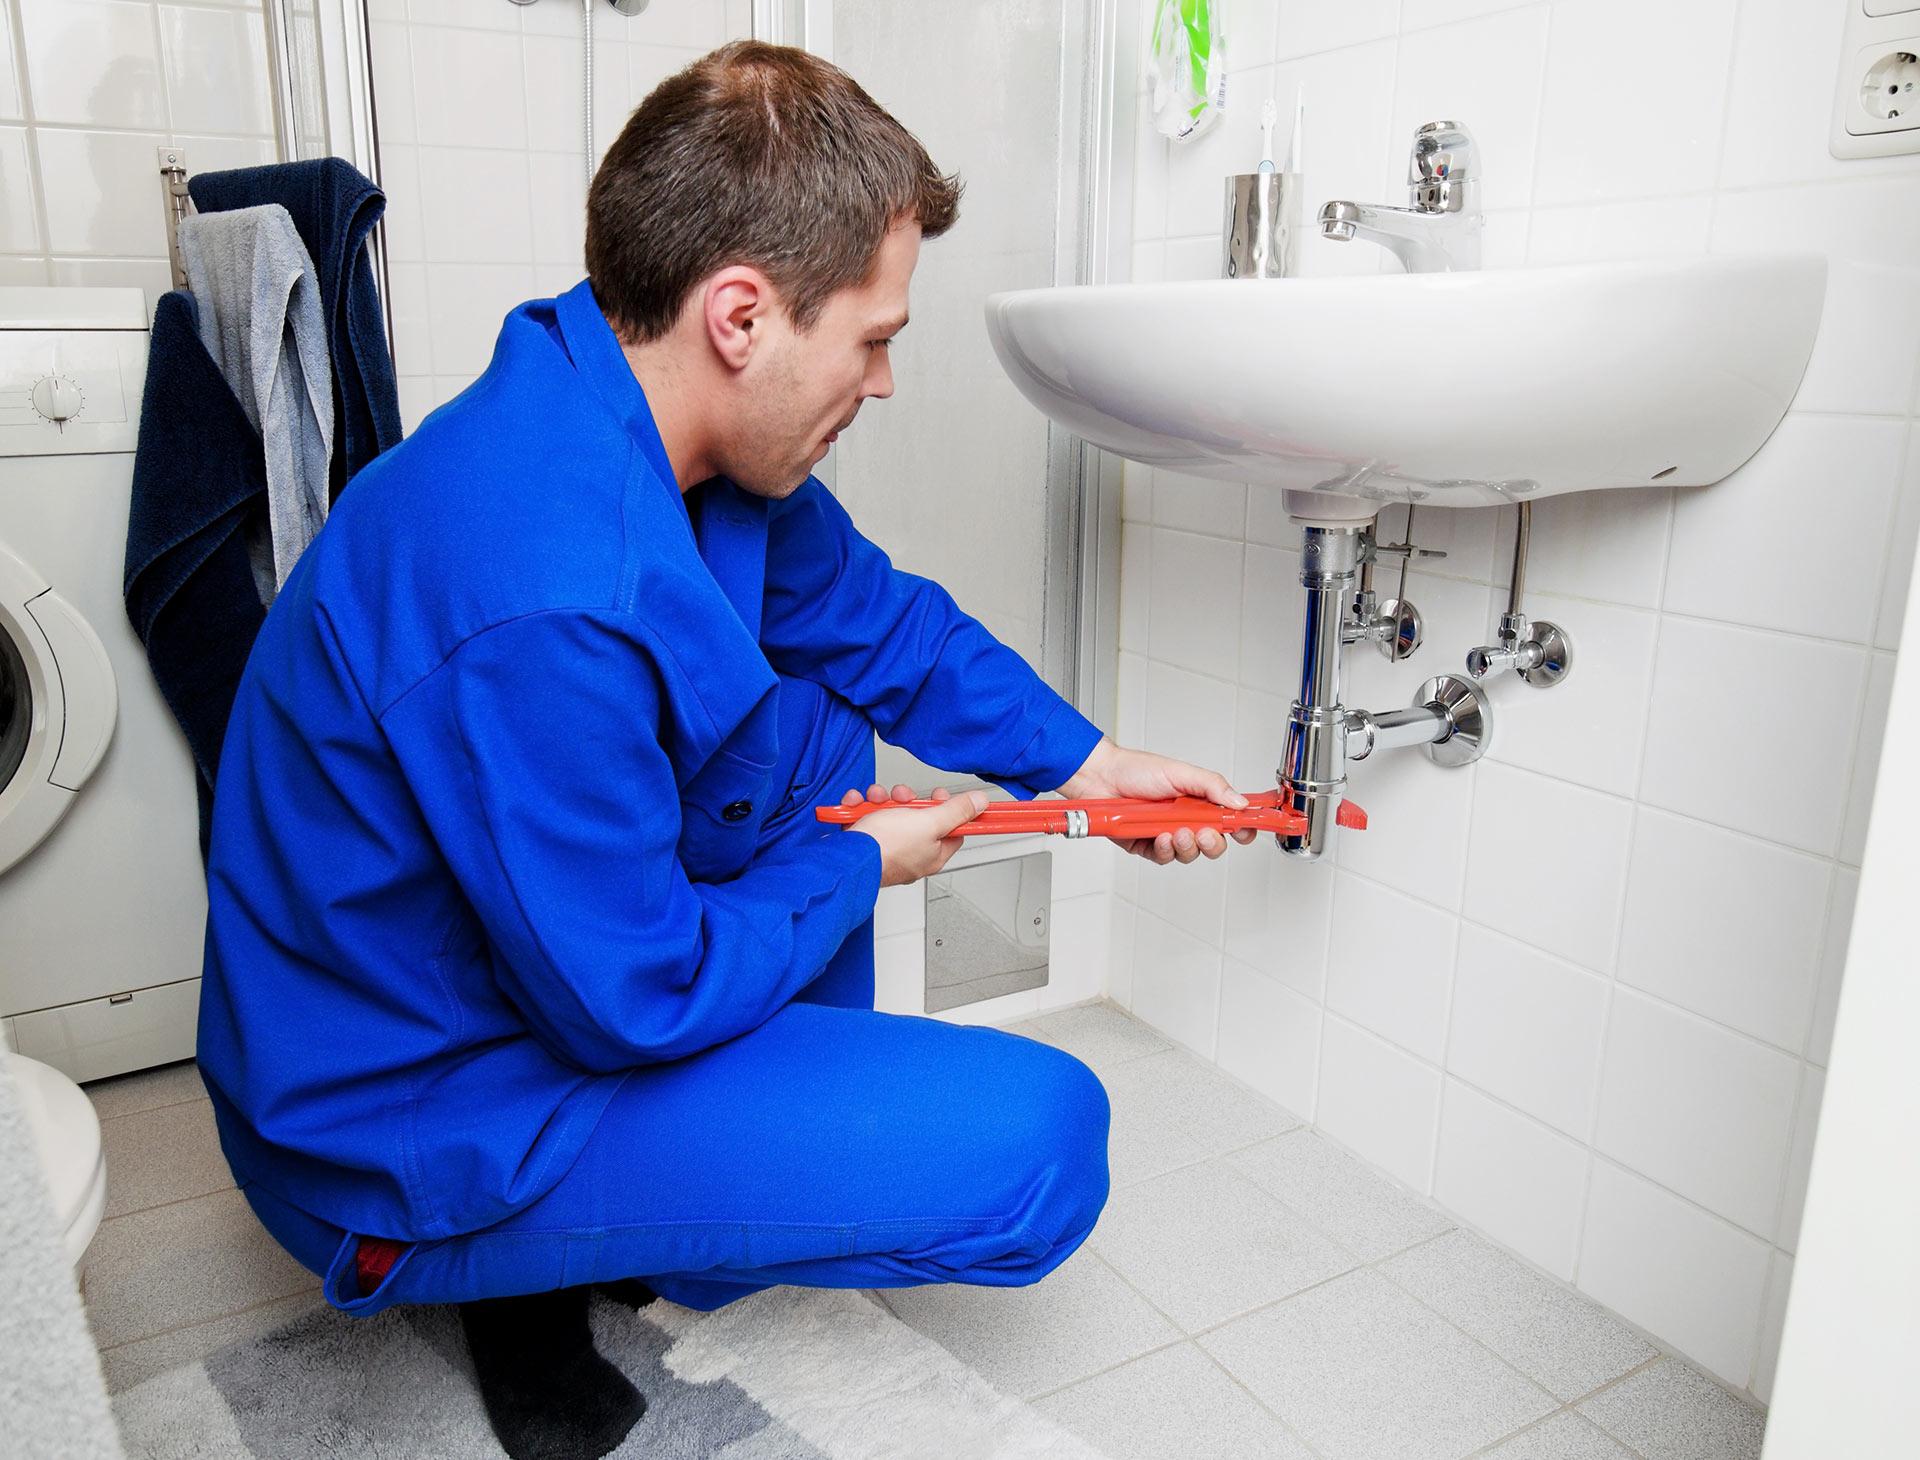 instalaciones-sanitarias-y-de-gas_11275834_xxl